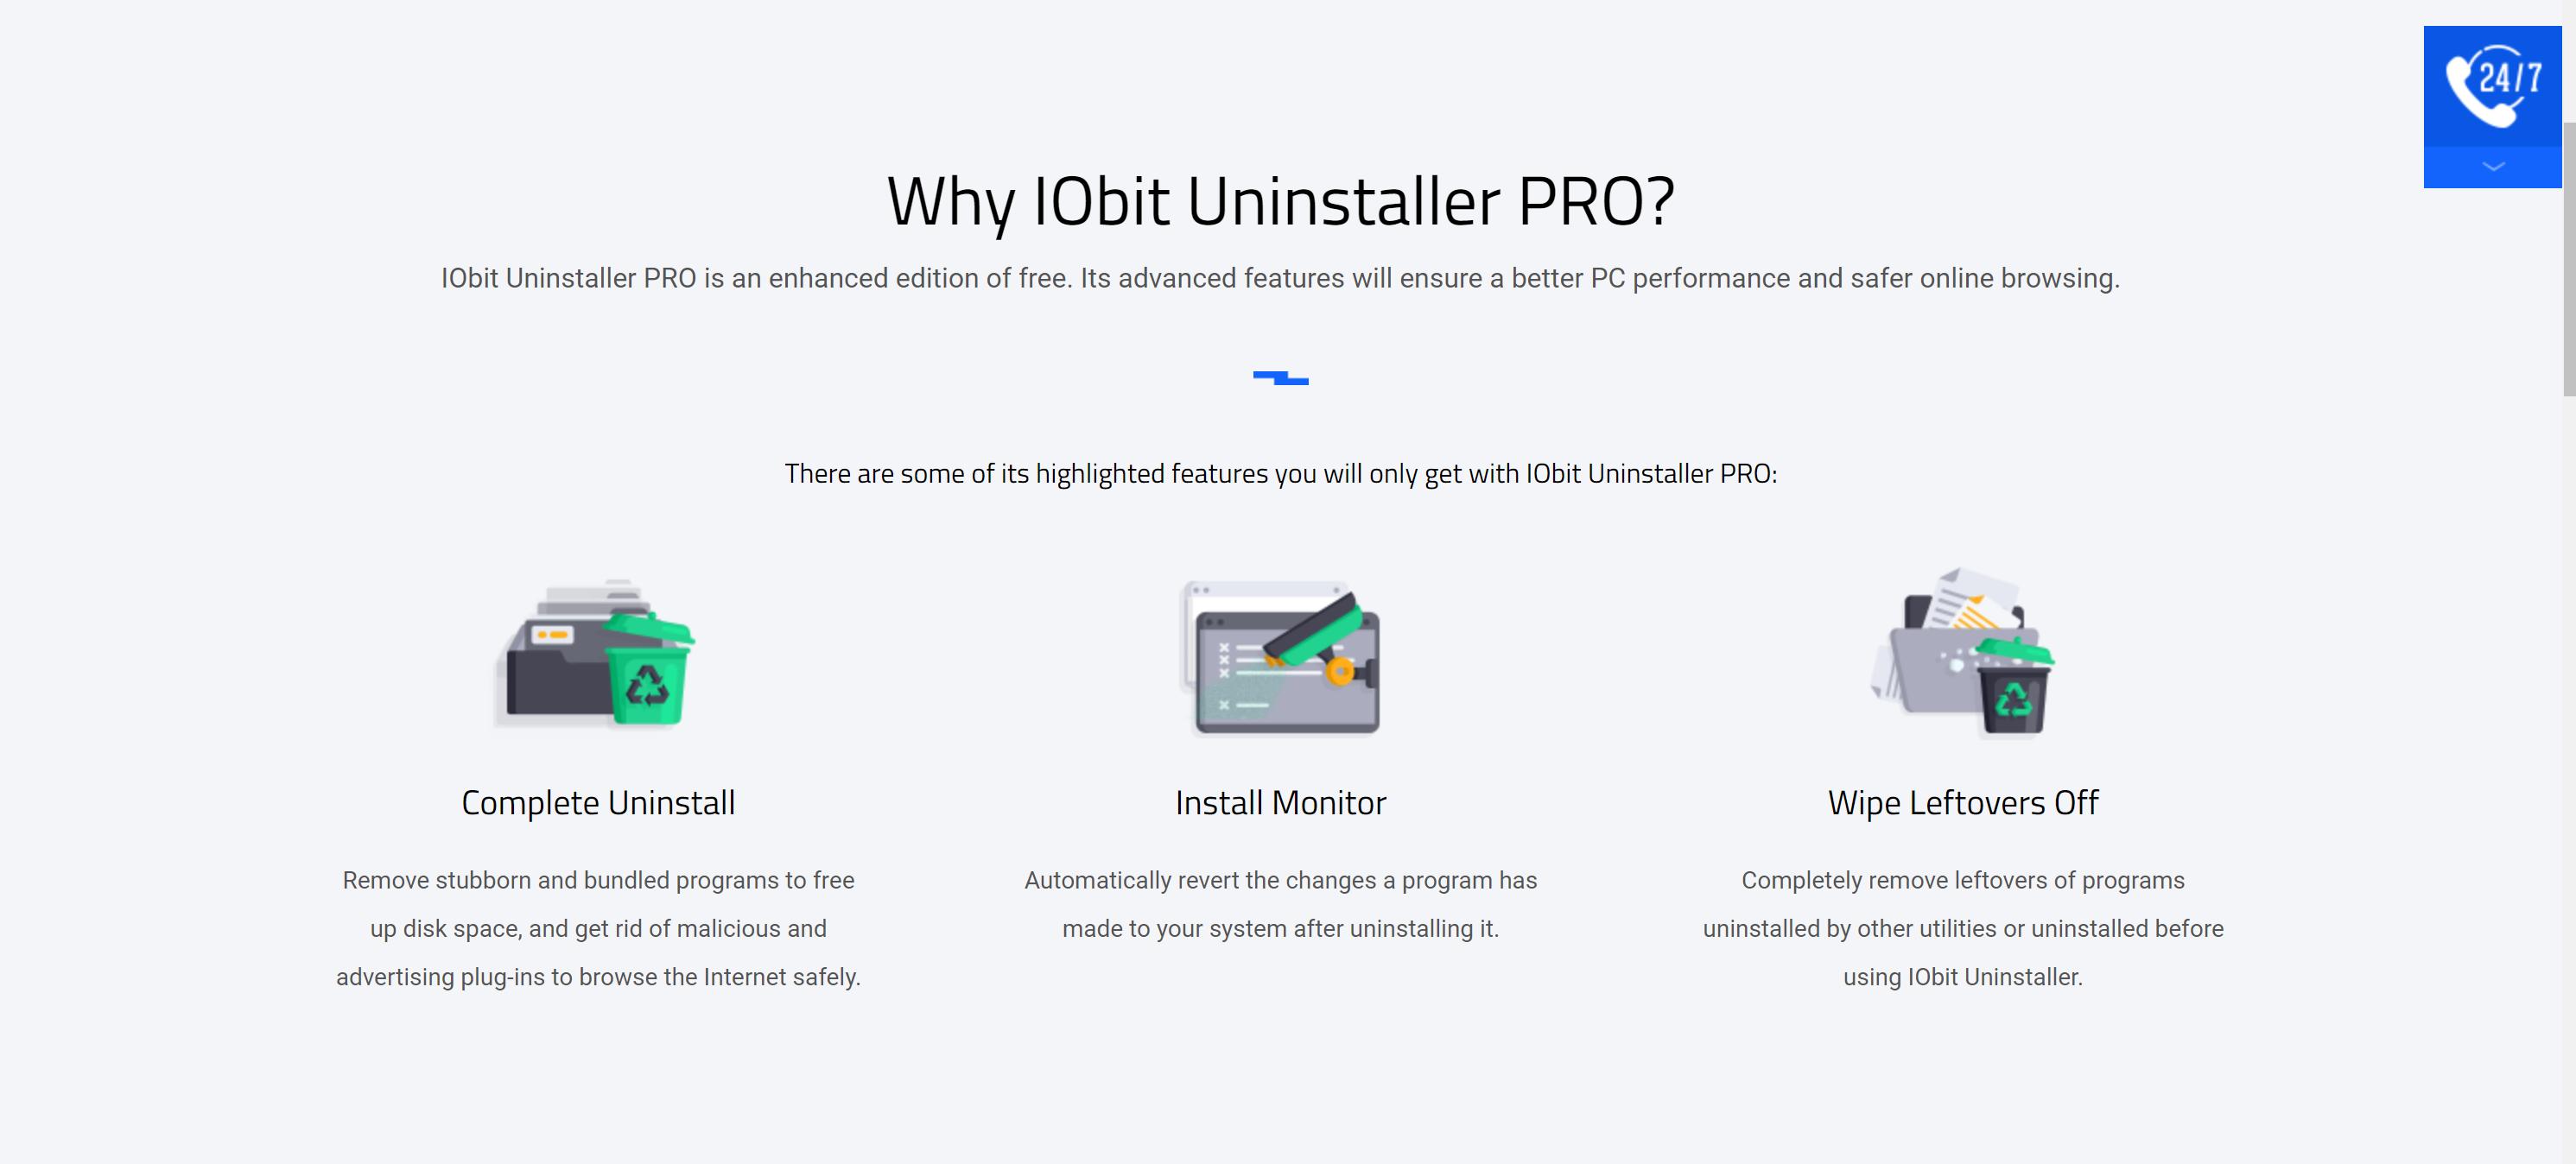 Uninstaller pro features